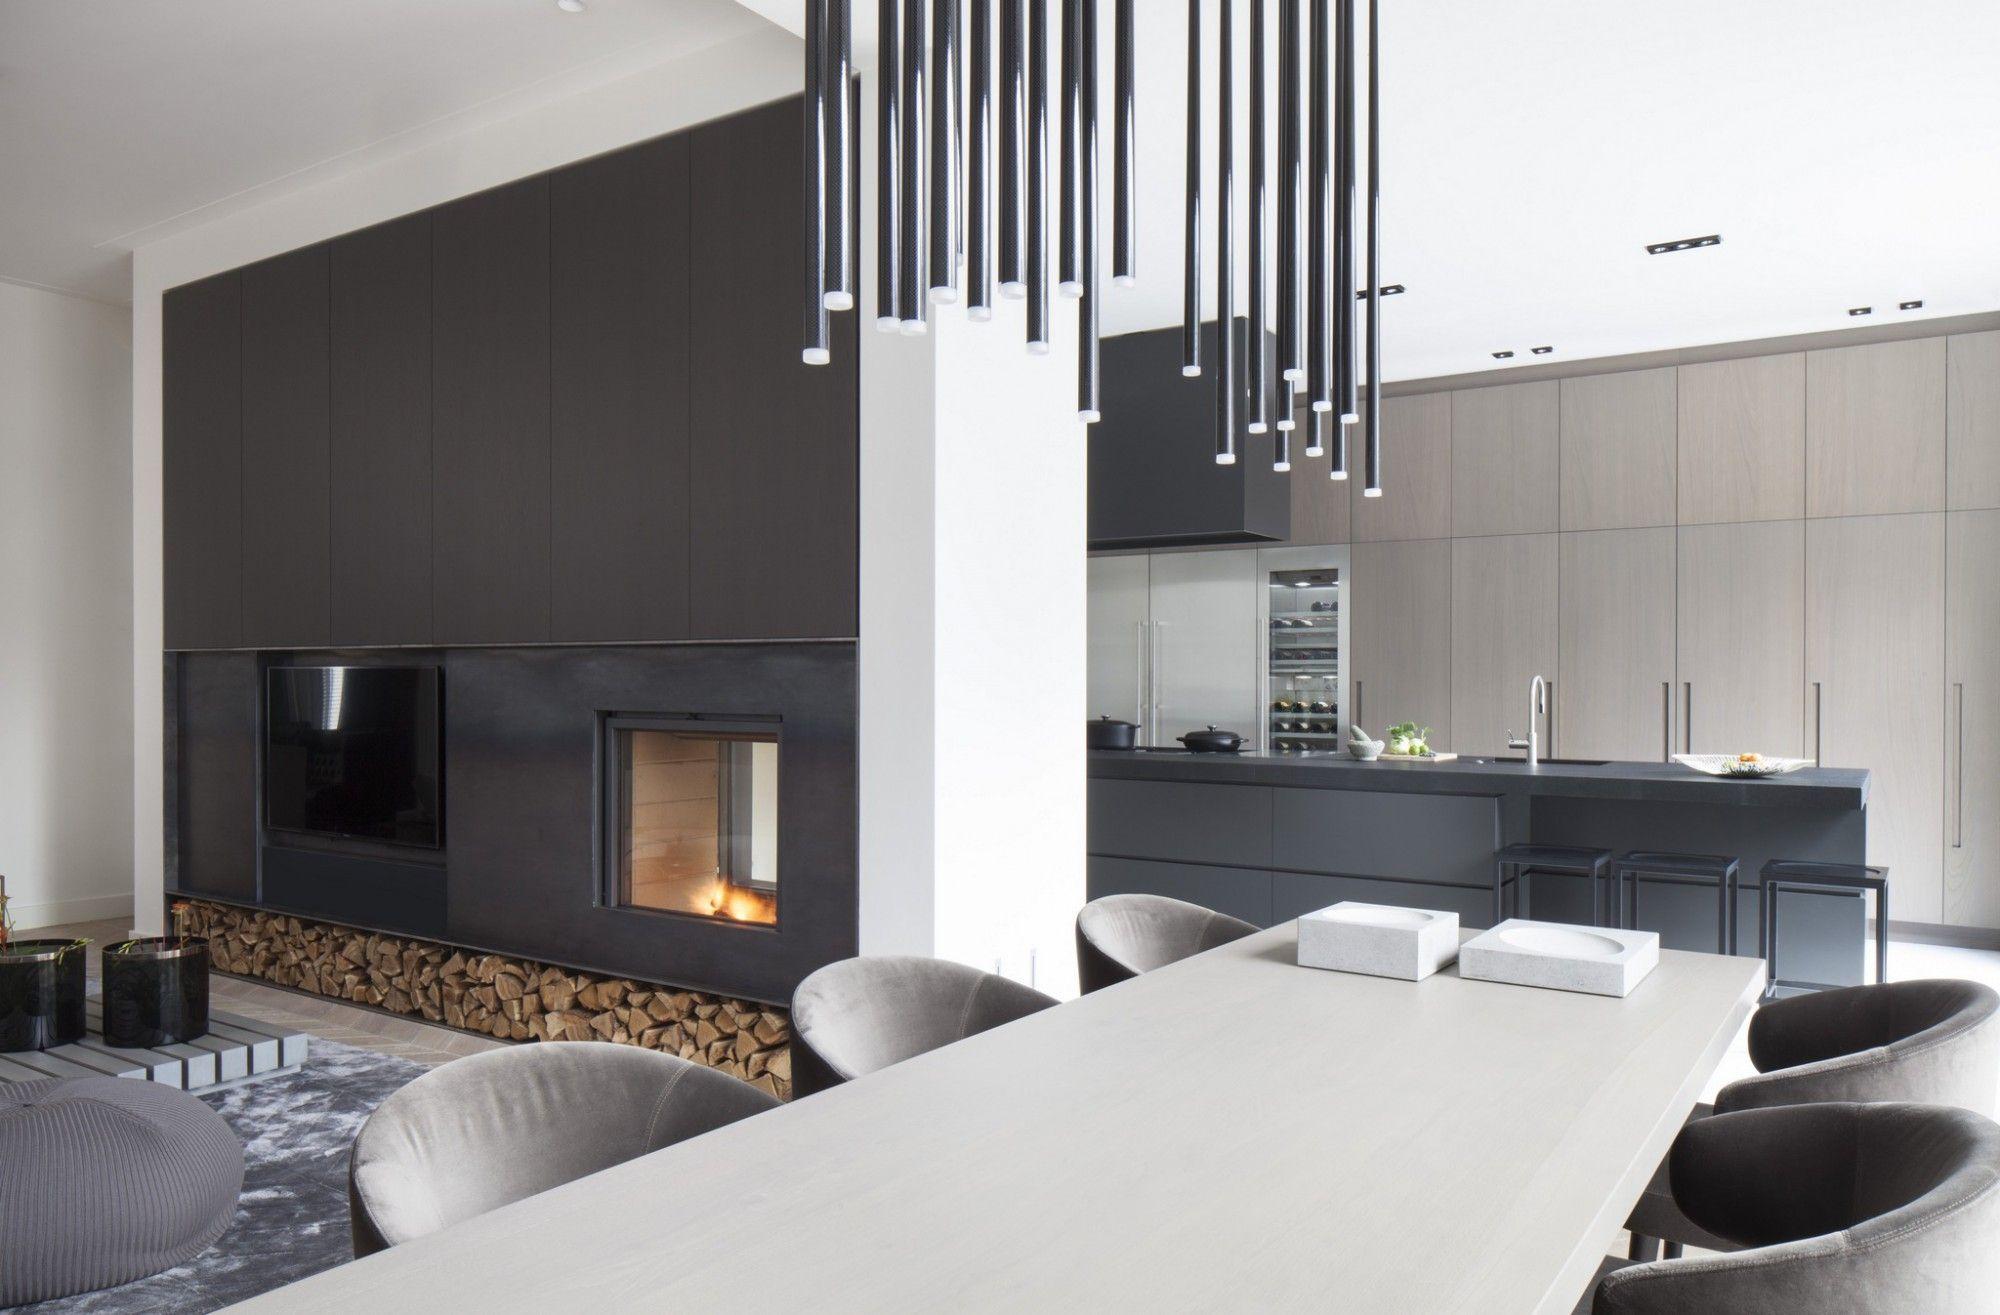 Keuken Design Amersfoort : Historische villa amersfoort remy meijers keukens in 2018